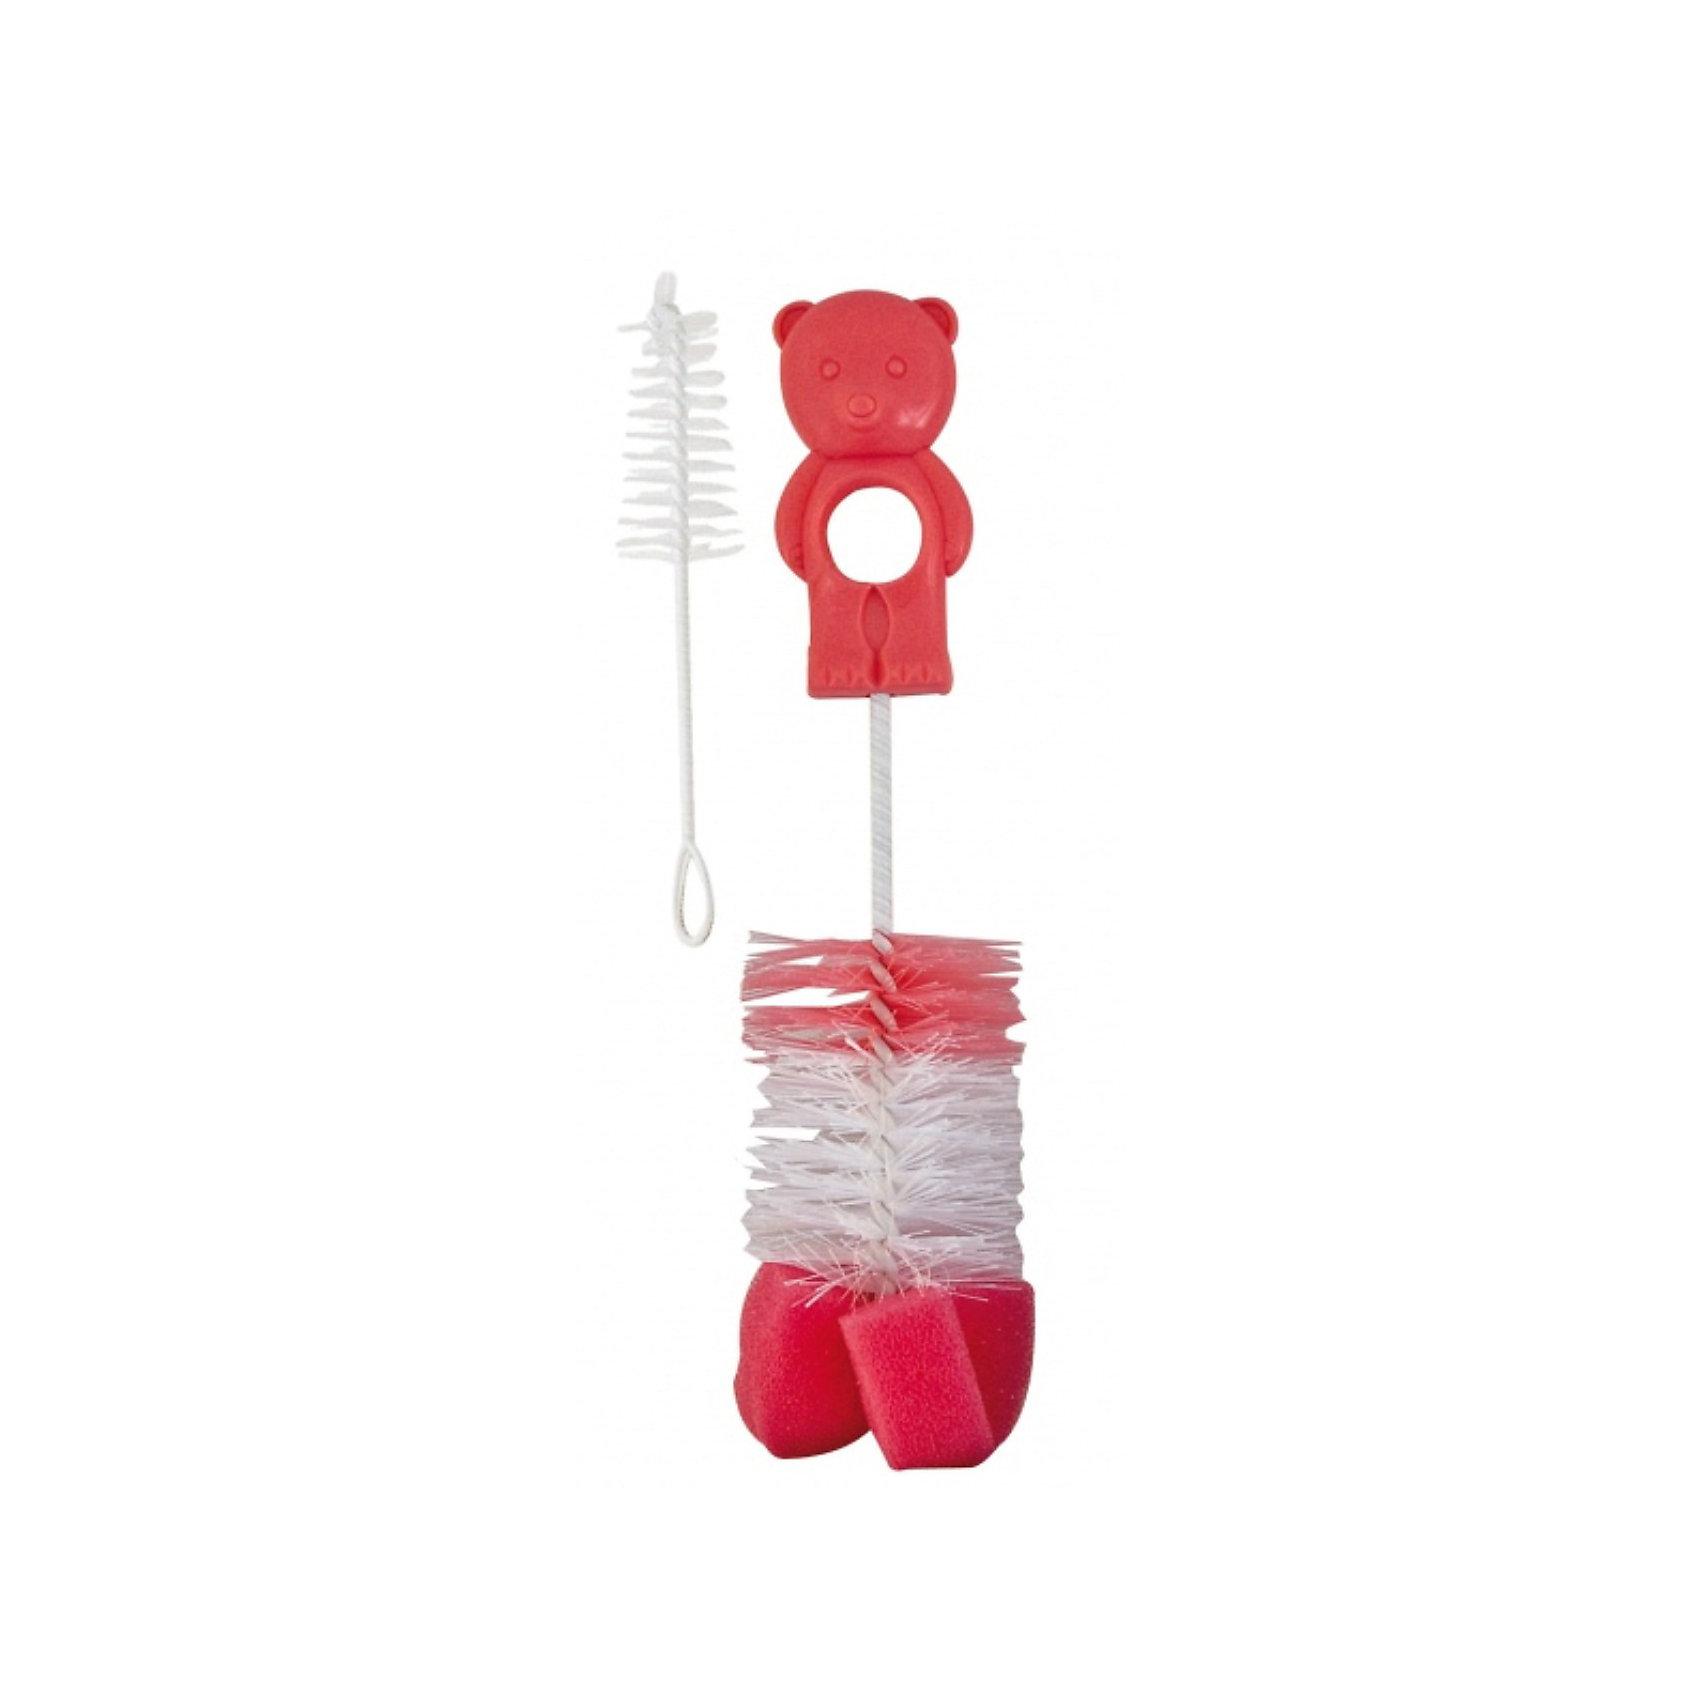 Ёршик для мытья детских бутылок, Canpol Babies, красныйЕршик для бутылочек Canpol Babies позволит качественно удалить остатки пищи из бутылочки, не повредив поверхности!<br>Ершик предназначен для тщательной очистки бутылочек перед стерилизацией. Для того чтобы обеспечить удобную и тщательную очистку, ершик снабжен вращающейся изогнутой ручкой, а конец ершика сделан из мягкой губки специальной формы. Благодаря этому очистка будет бережной и не оставит царапин на поверхности. <br>В комплект также входит маленькая кисточка / губка для чистки сосок.<br>Ершик для бутылочек Canpol Babies можно купить в нашем интернет-магазине.<br><br>Внимание! Товар может быть как в новом, так и в старом дизайне.<br><br>Ширина мм: 390<br>Глубина мм: 102<br>Высота мм: 50<br>Вес г: 39<br>Возраст от месяцев: 1<br>Возраст до месяцев: 18<br>Пол: Унисекс<br>Возраст: Детский<br>SKU: 3837112